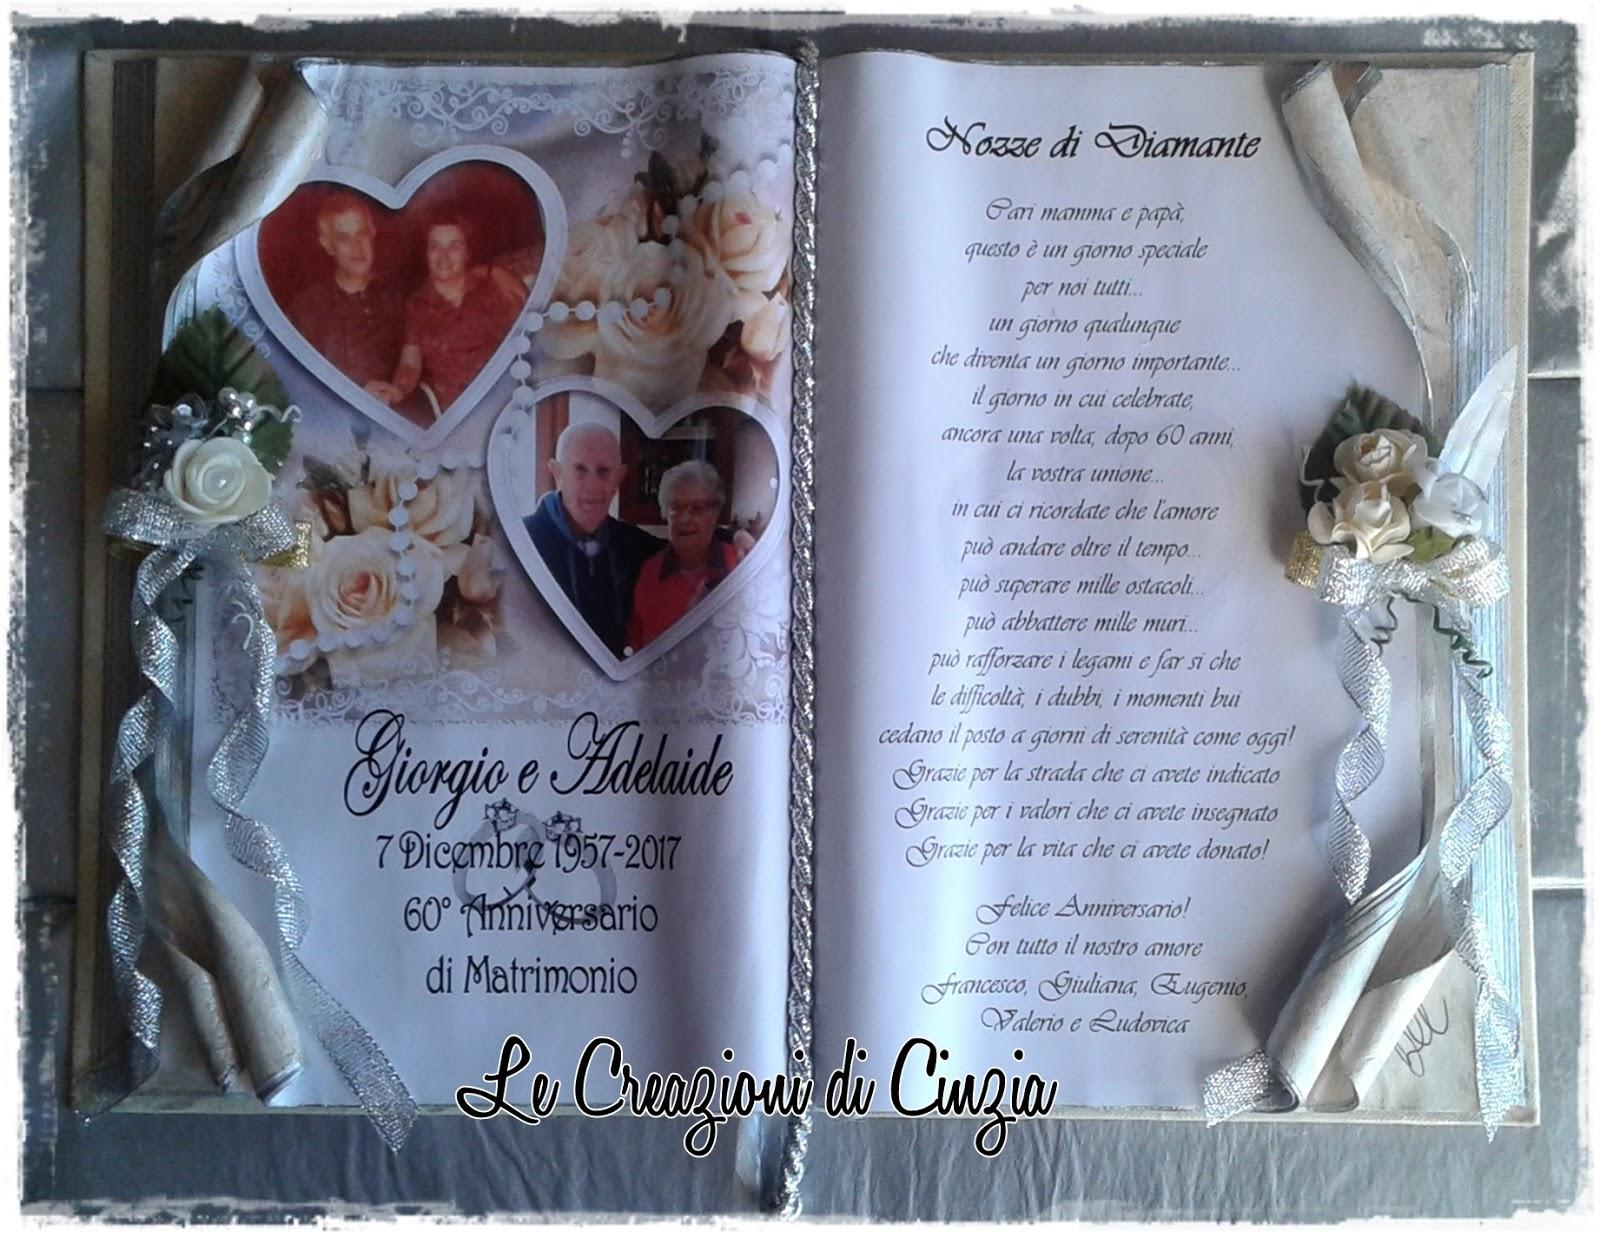 Anniversario Matrimonio Nozze Di.Le Creazioni Di Cinzia Anniversari Di Matrimonio